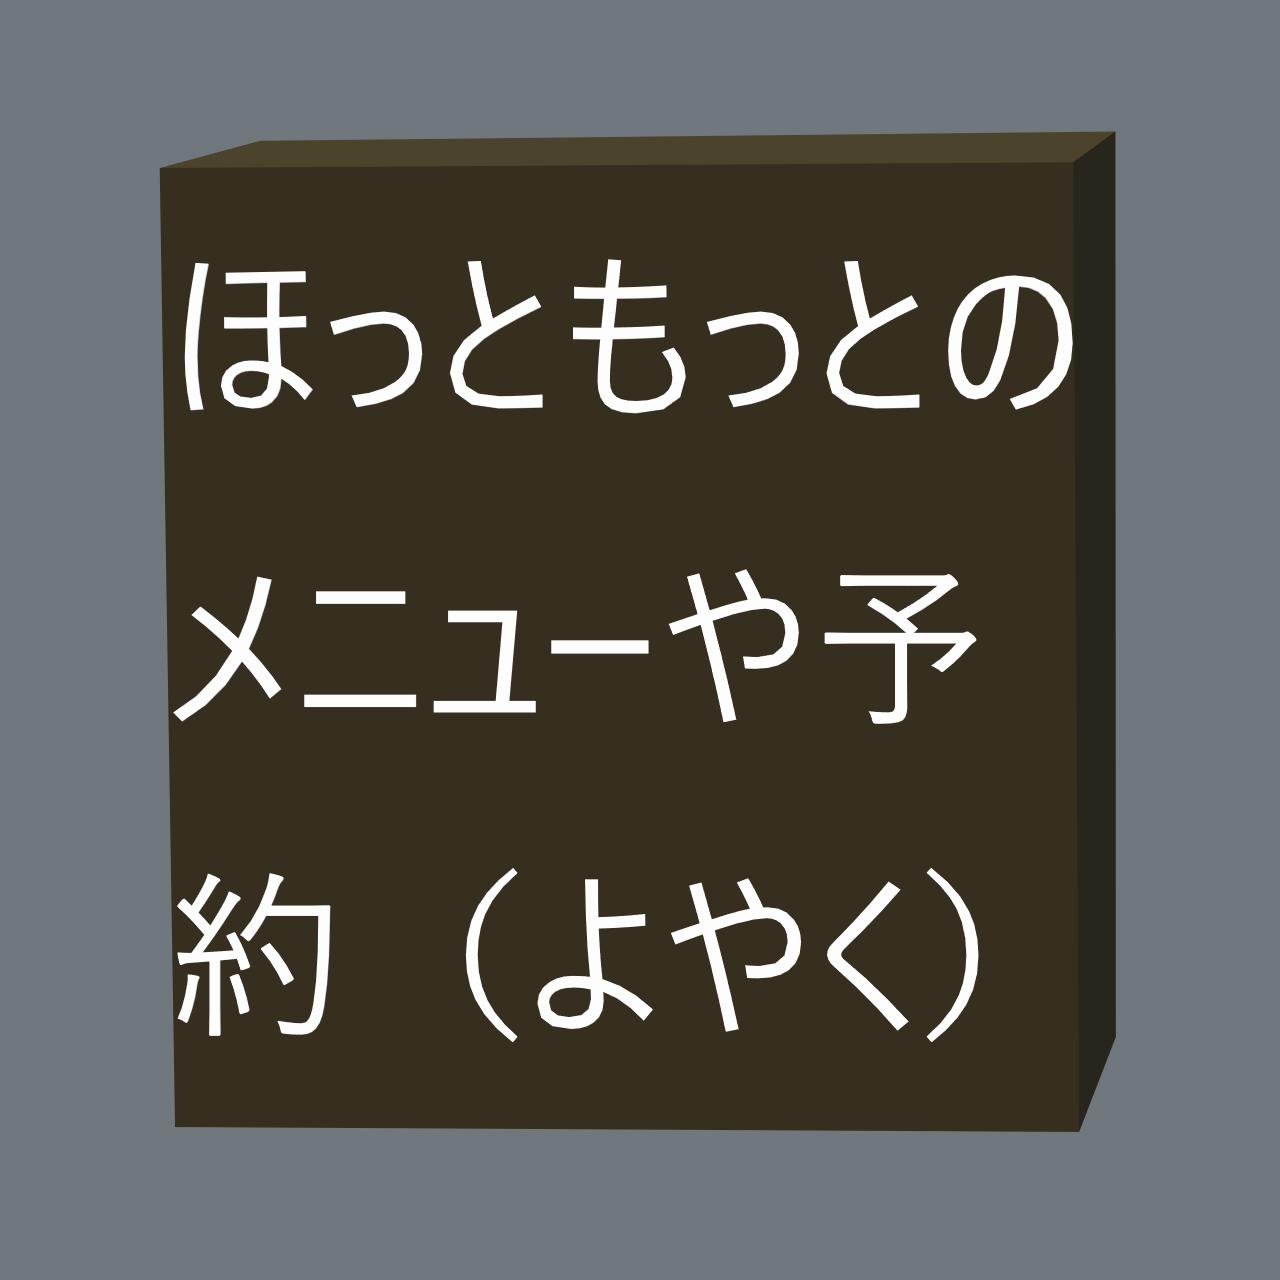 ほっともっとのメニューや予約(よやく)、弁当(べんとう)やオードブル、沖縄(おきなわ)、ほっともっとグリルやアプリ、店舗(てんぽ)や宅配(たくはい)、クーポン、ほっともっとフィールド神戸(こうべ)、のり弁(べん)や鹿児島(かごしま)、長崎(ながさき)や大分とは?にかかる画像(がぞう)